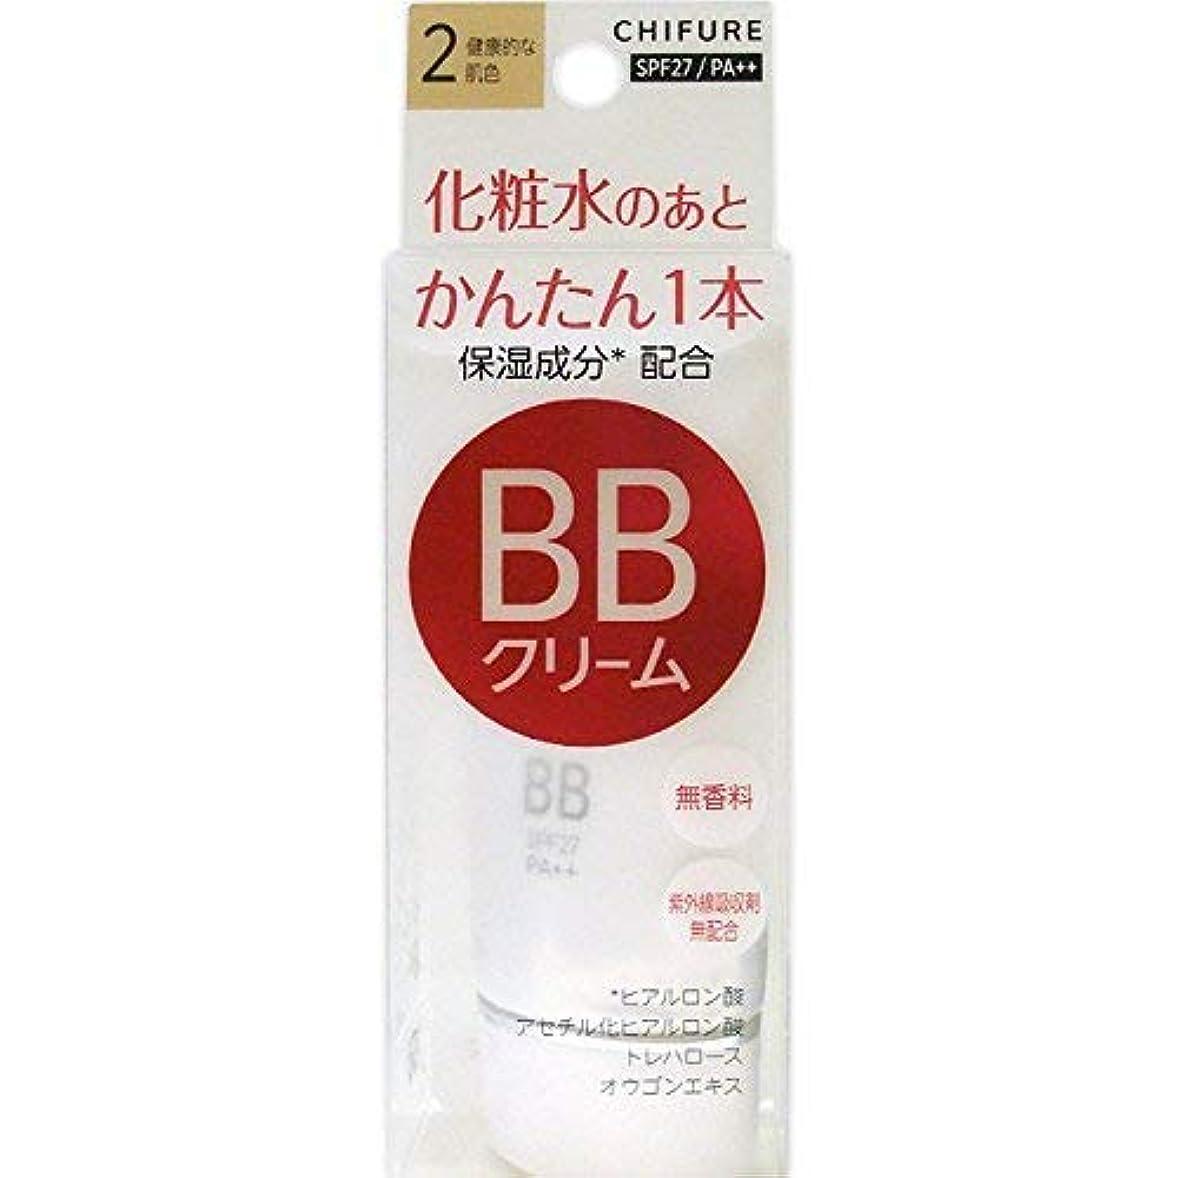 ちふれ化粧品 BB クリーム 2 健康的な肌色 BBクリーム 2